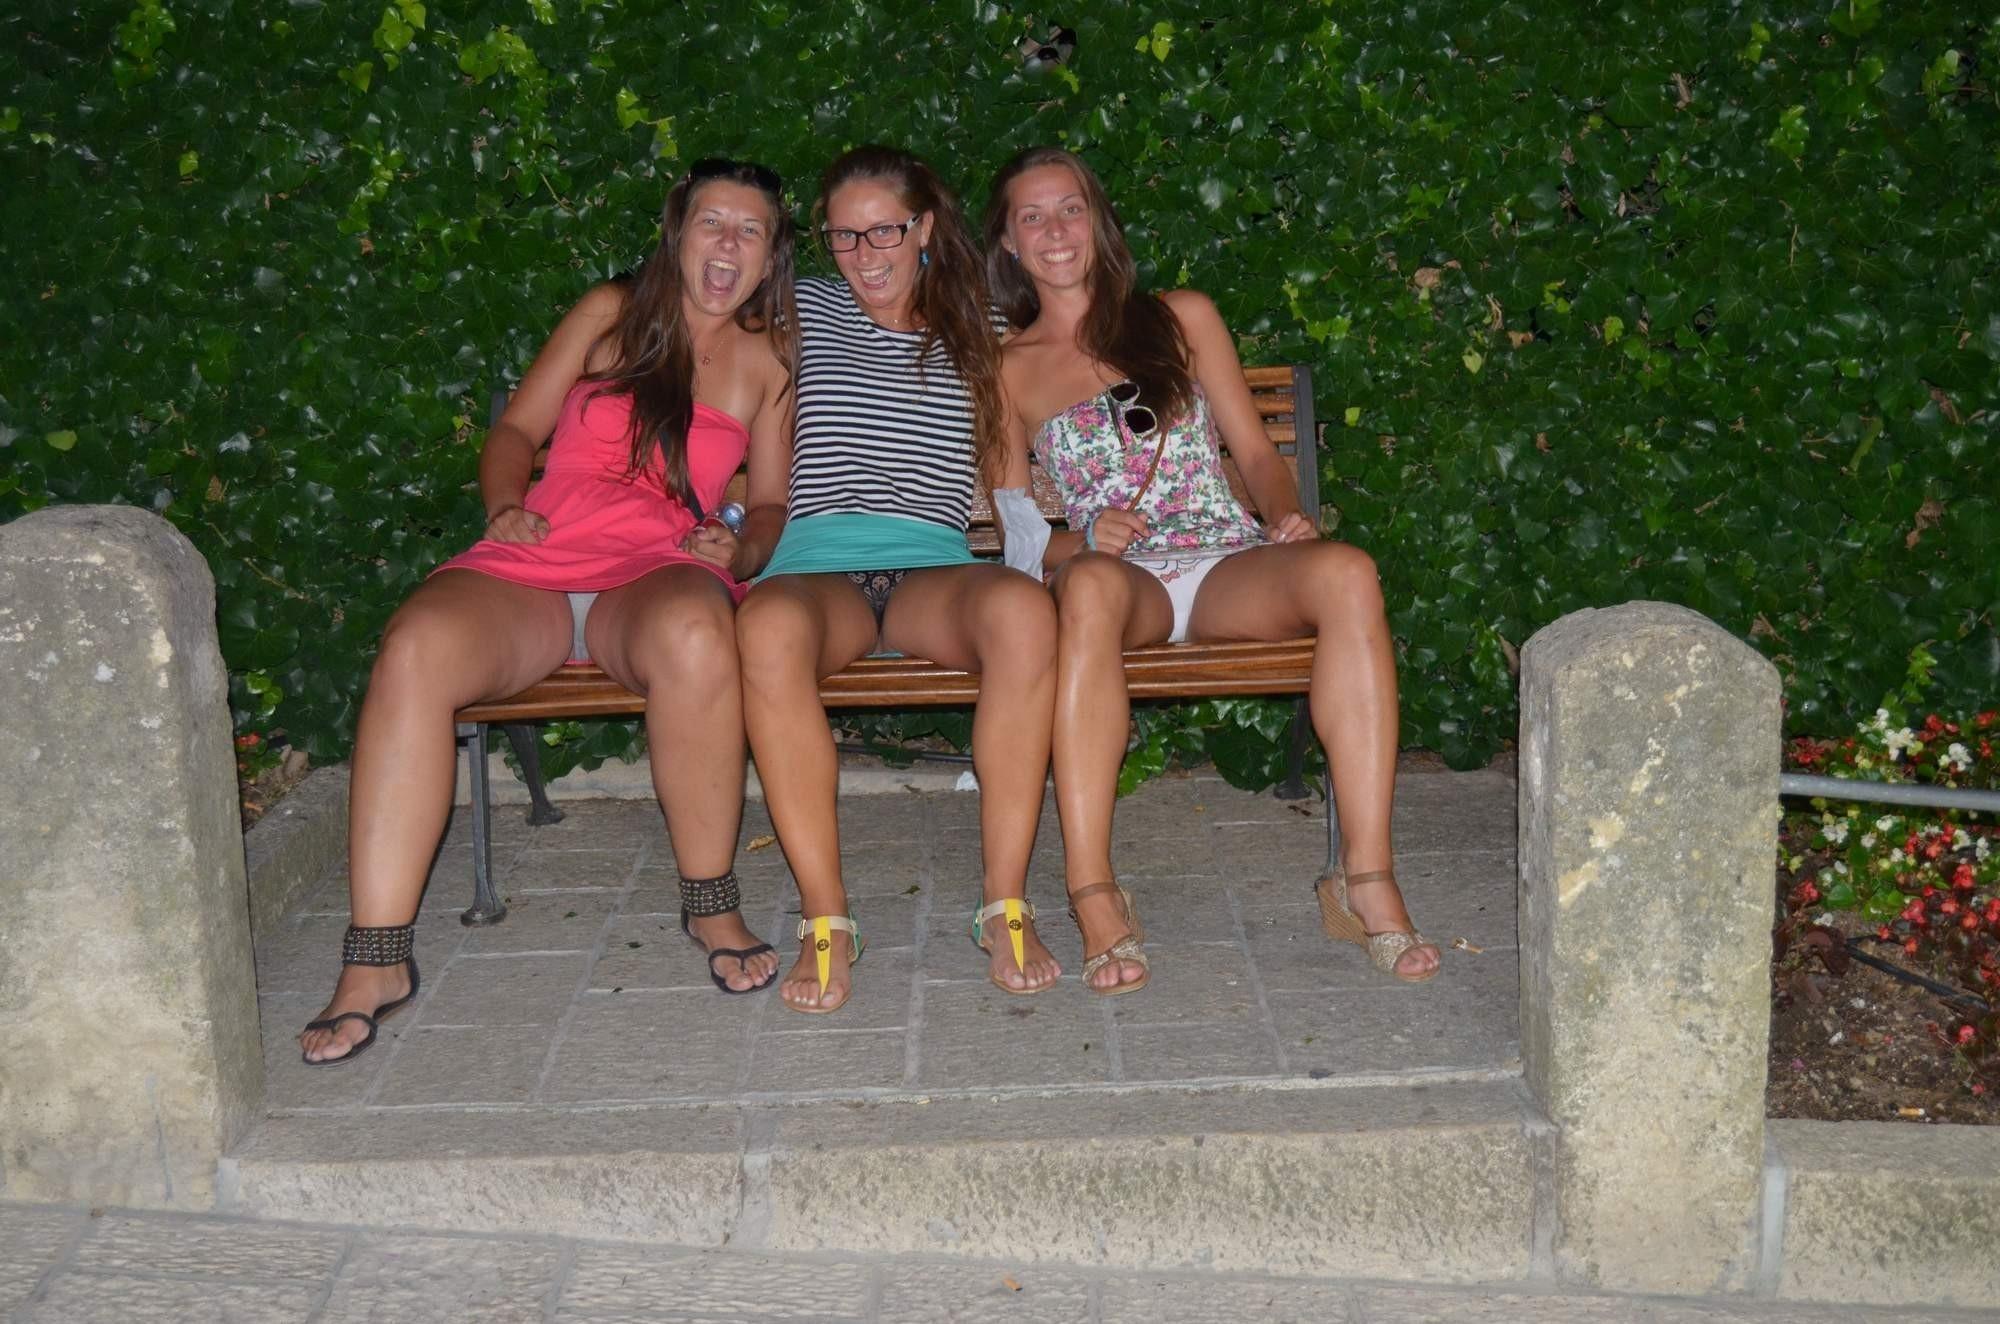 Три девушки в мини-платьях показывают свои трусики